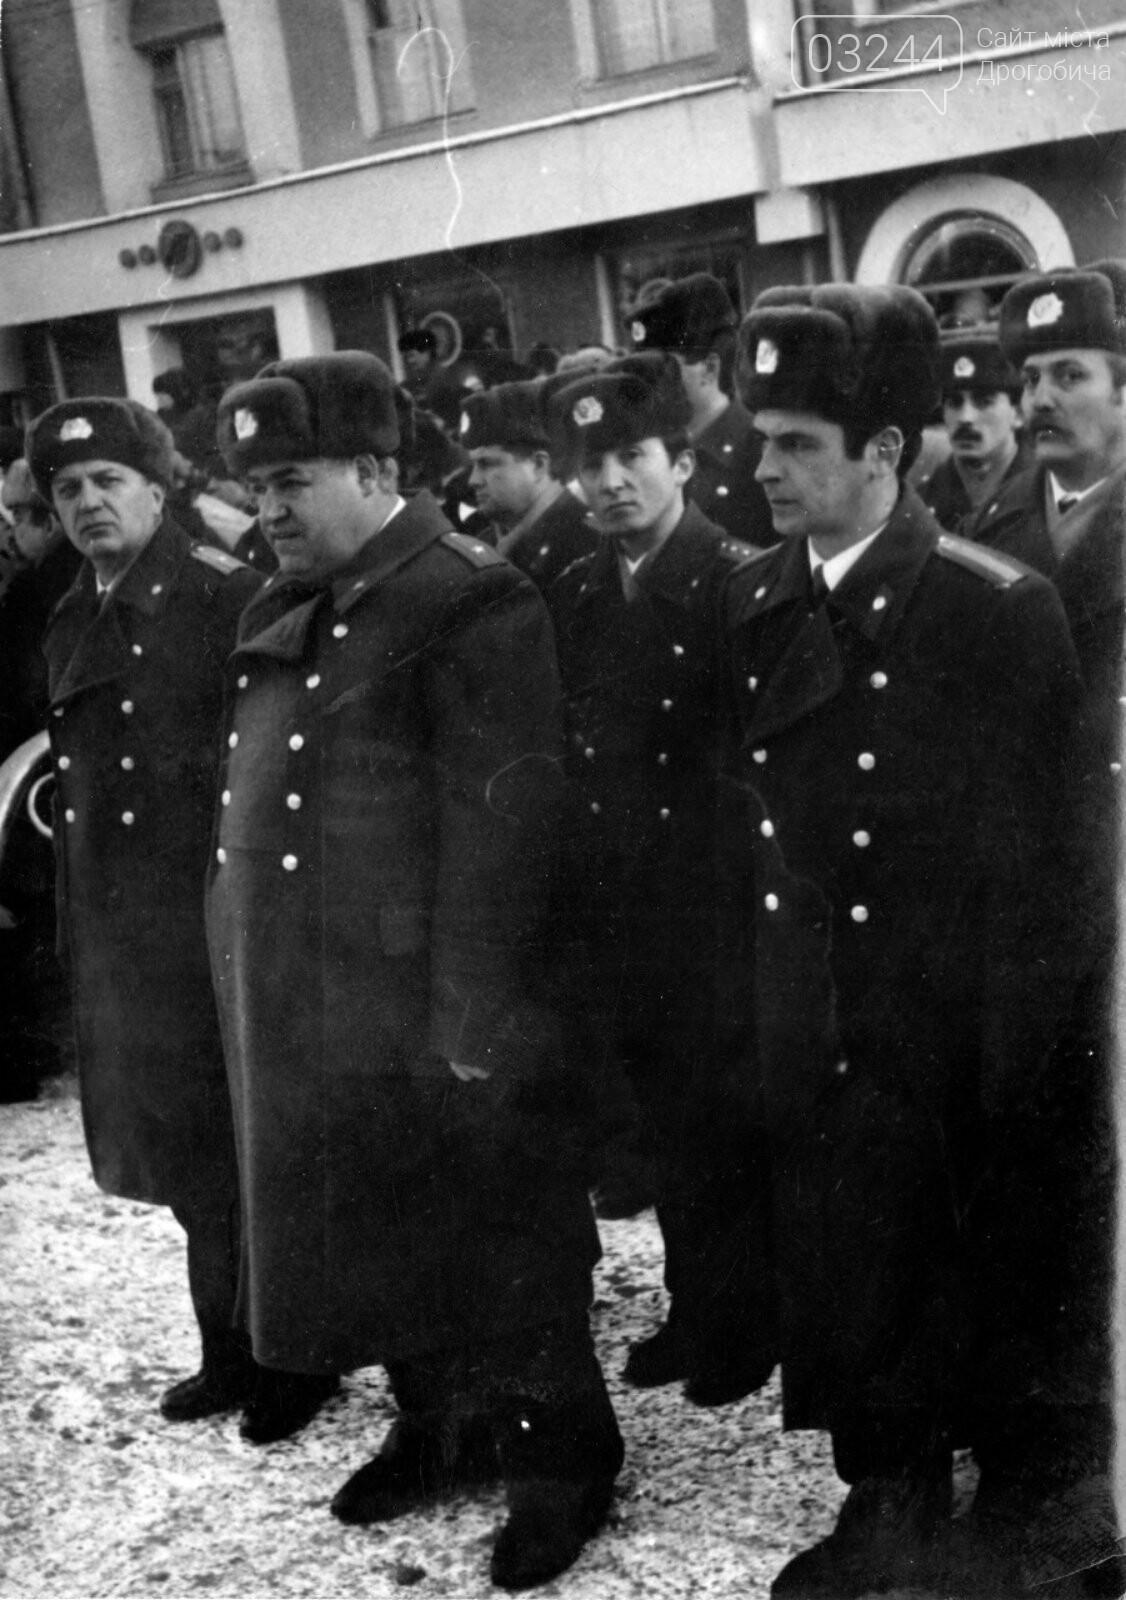 Історичний день: 30 років тому міліція Дрогобича одна з перших в СРСР присягнула на вірність Україні, фото-1